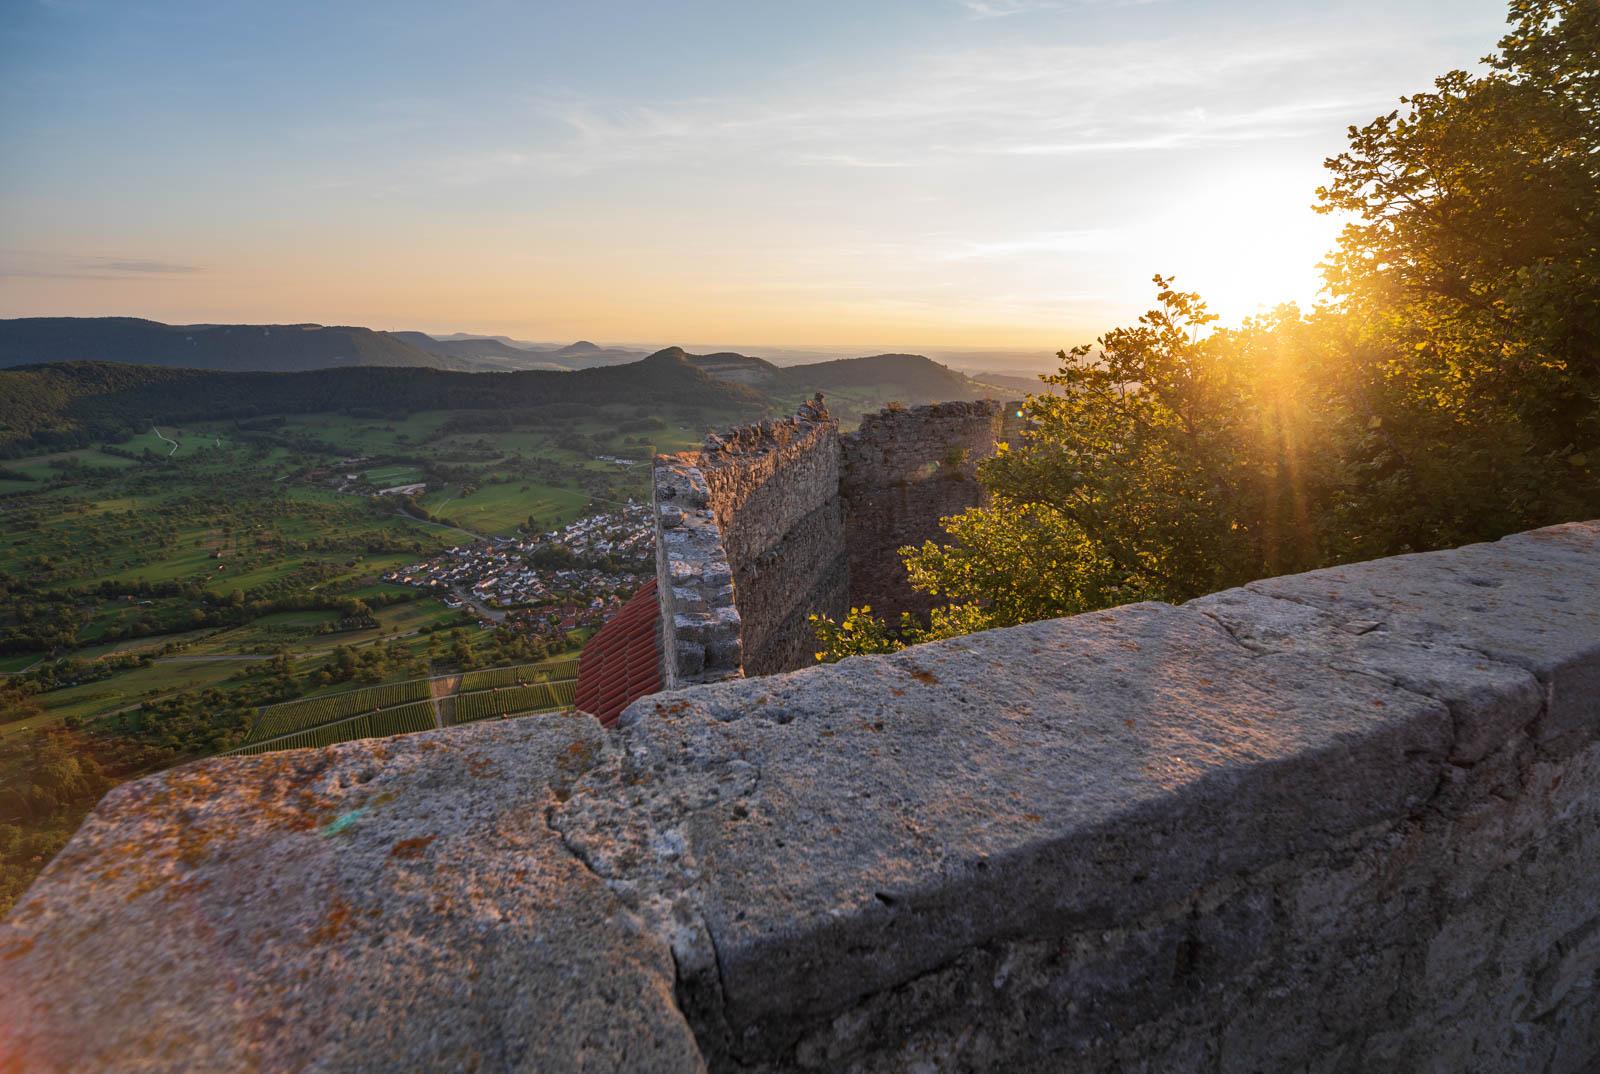 Photo: Sommerabend auf der Burg Hohenneuffen mit Blick entlang des Albtraufs